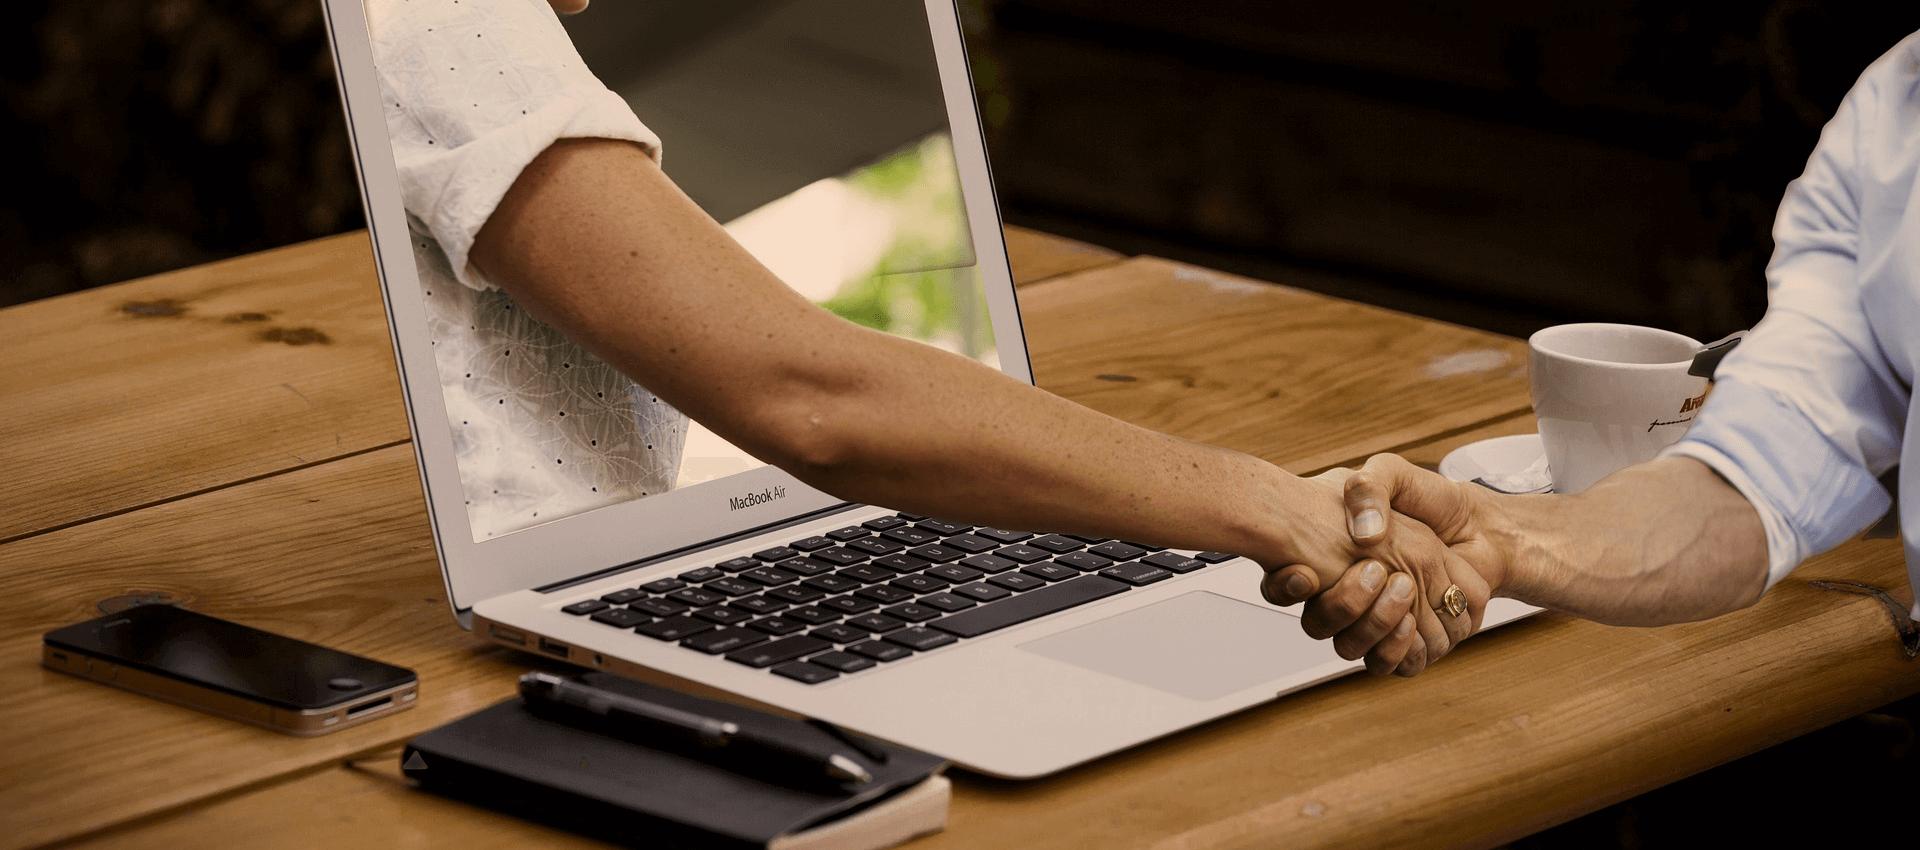 HIPPA - Hyvinvointia ja parempaa palveluasumista digitalisaation avulla